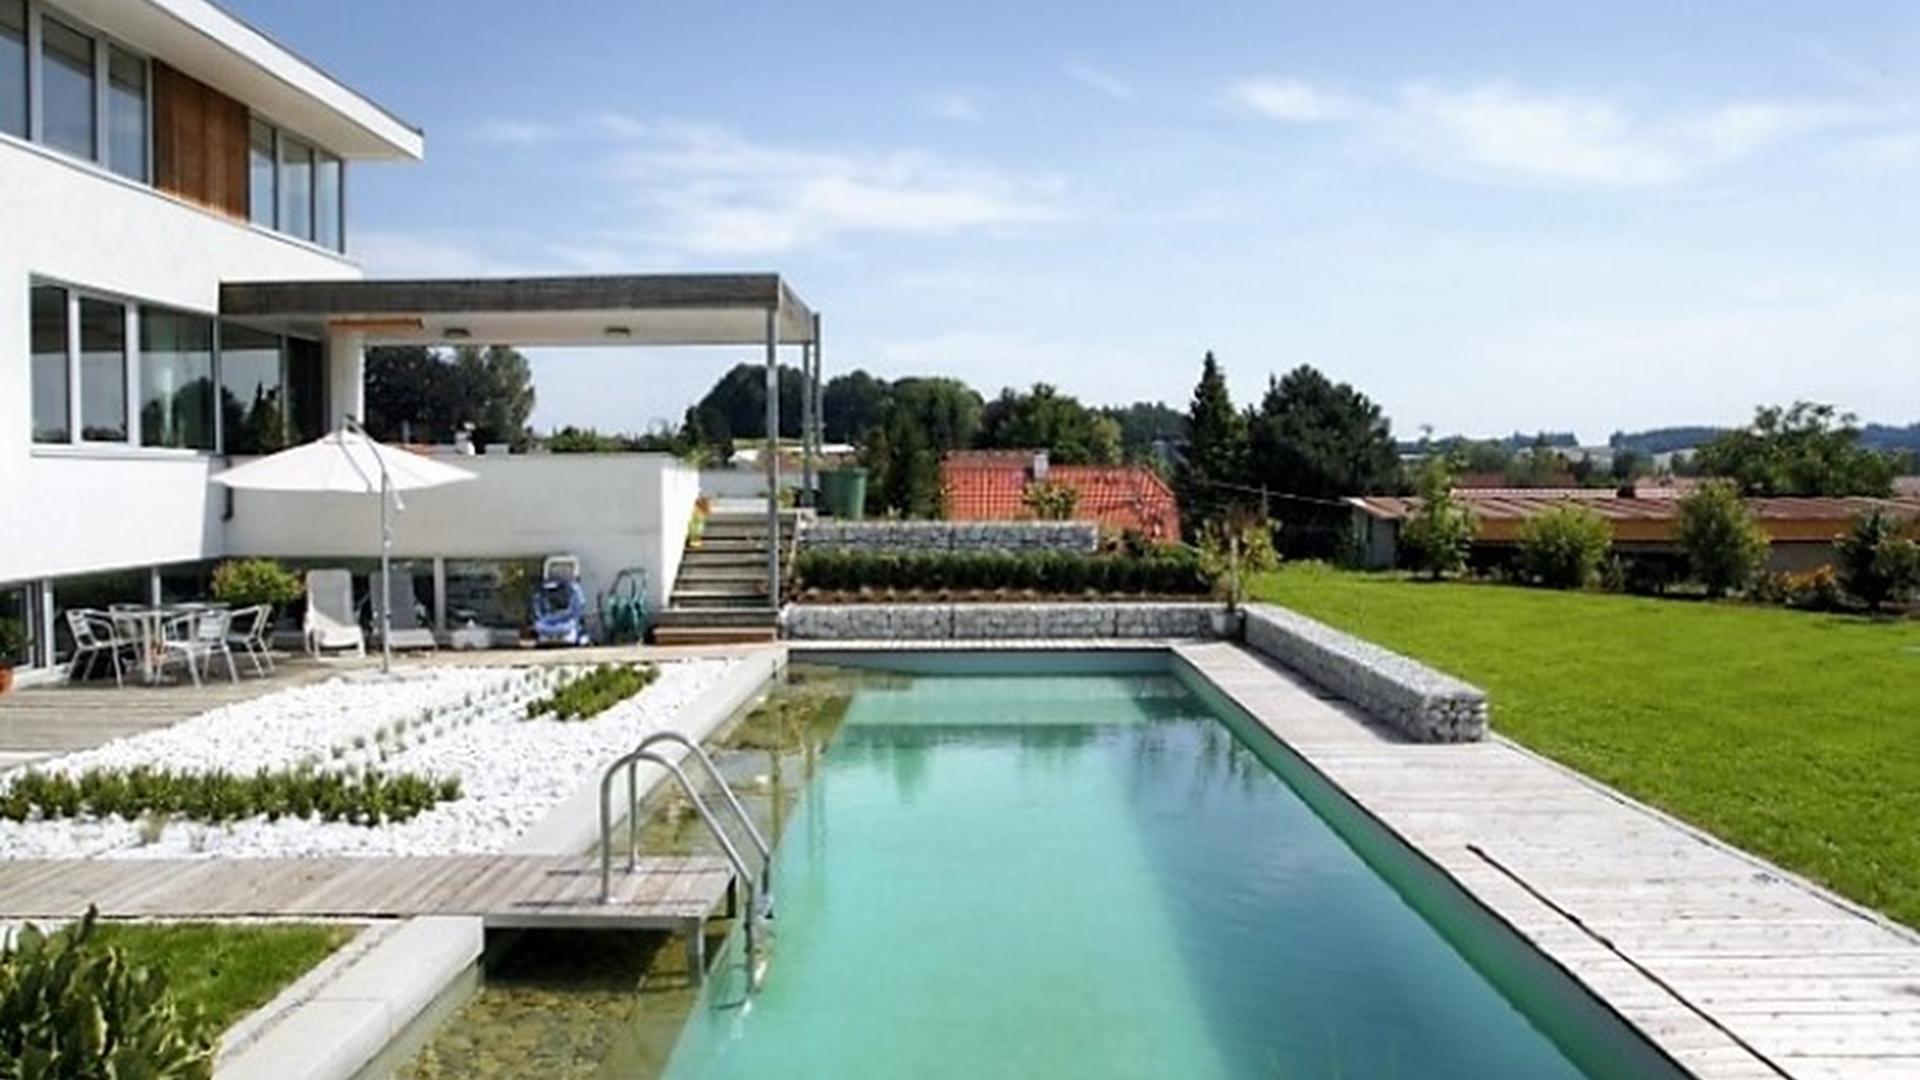 Wasser Im Garten Pool Large 2